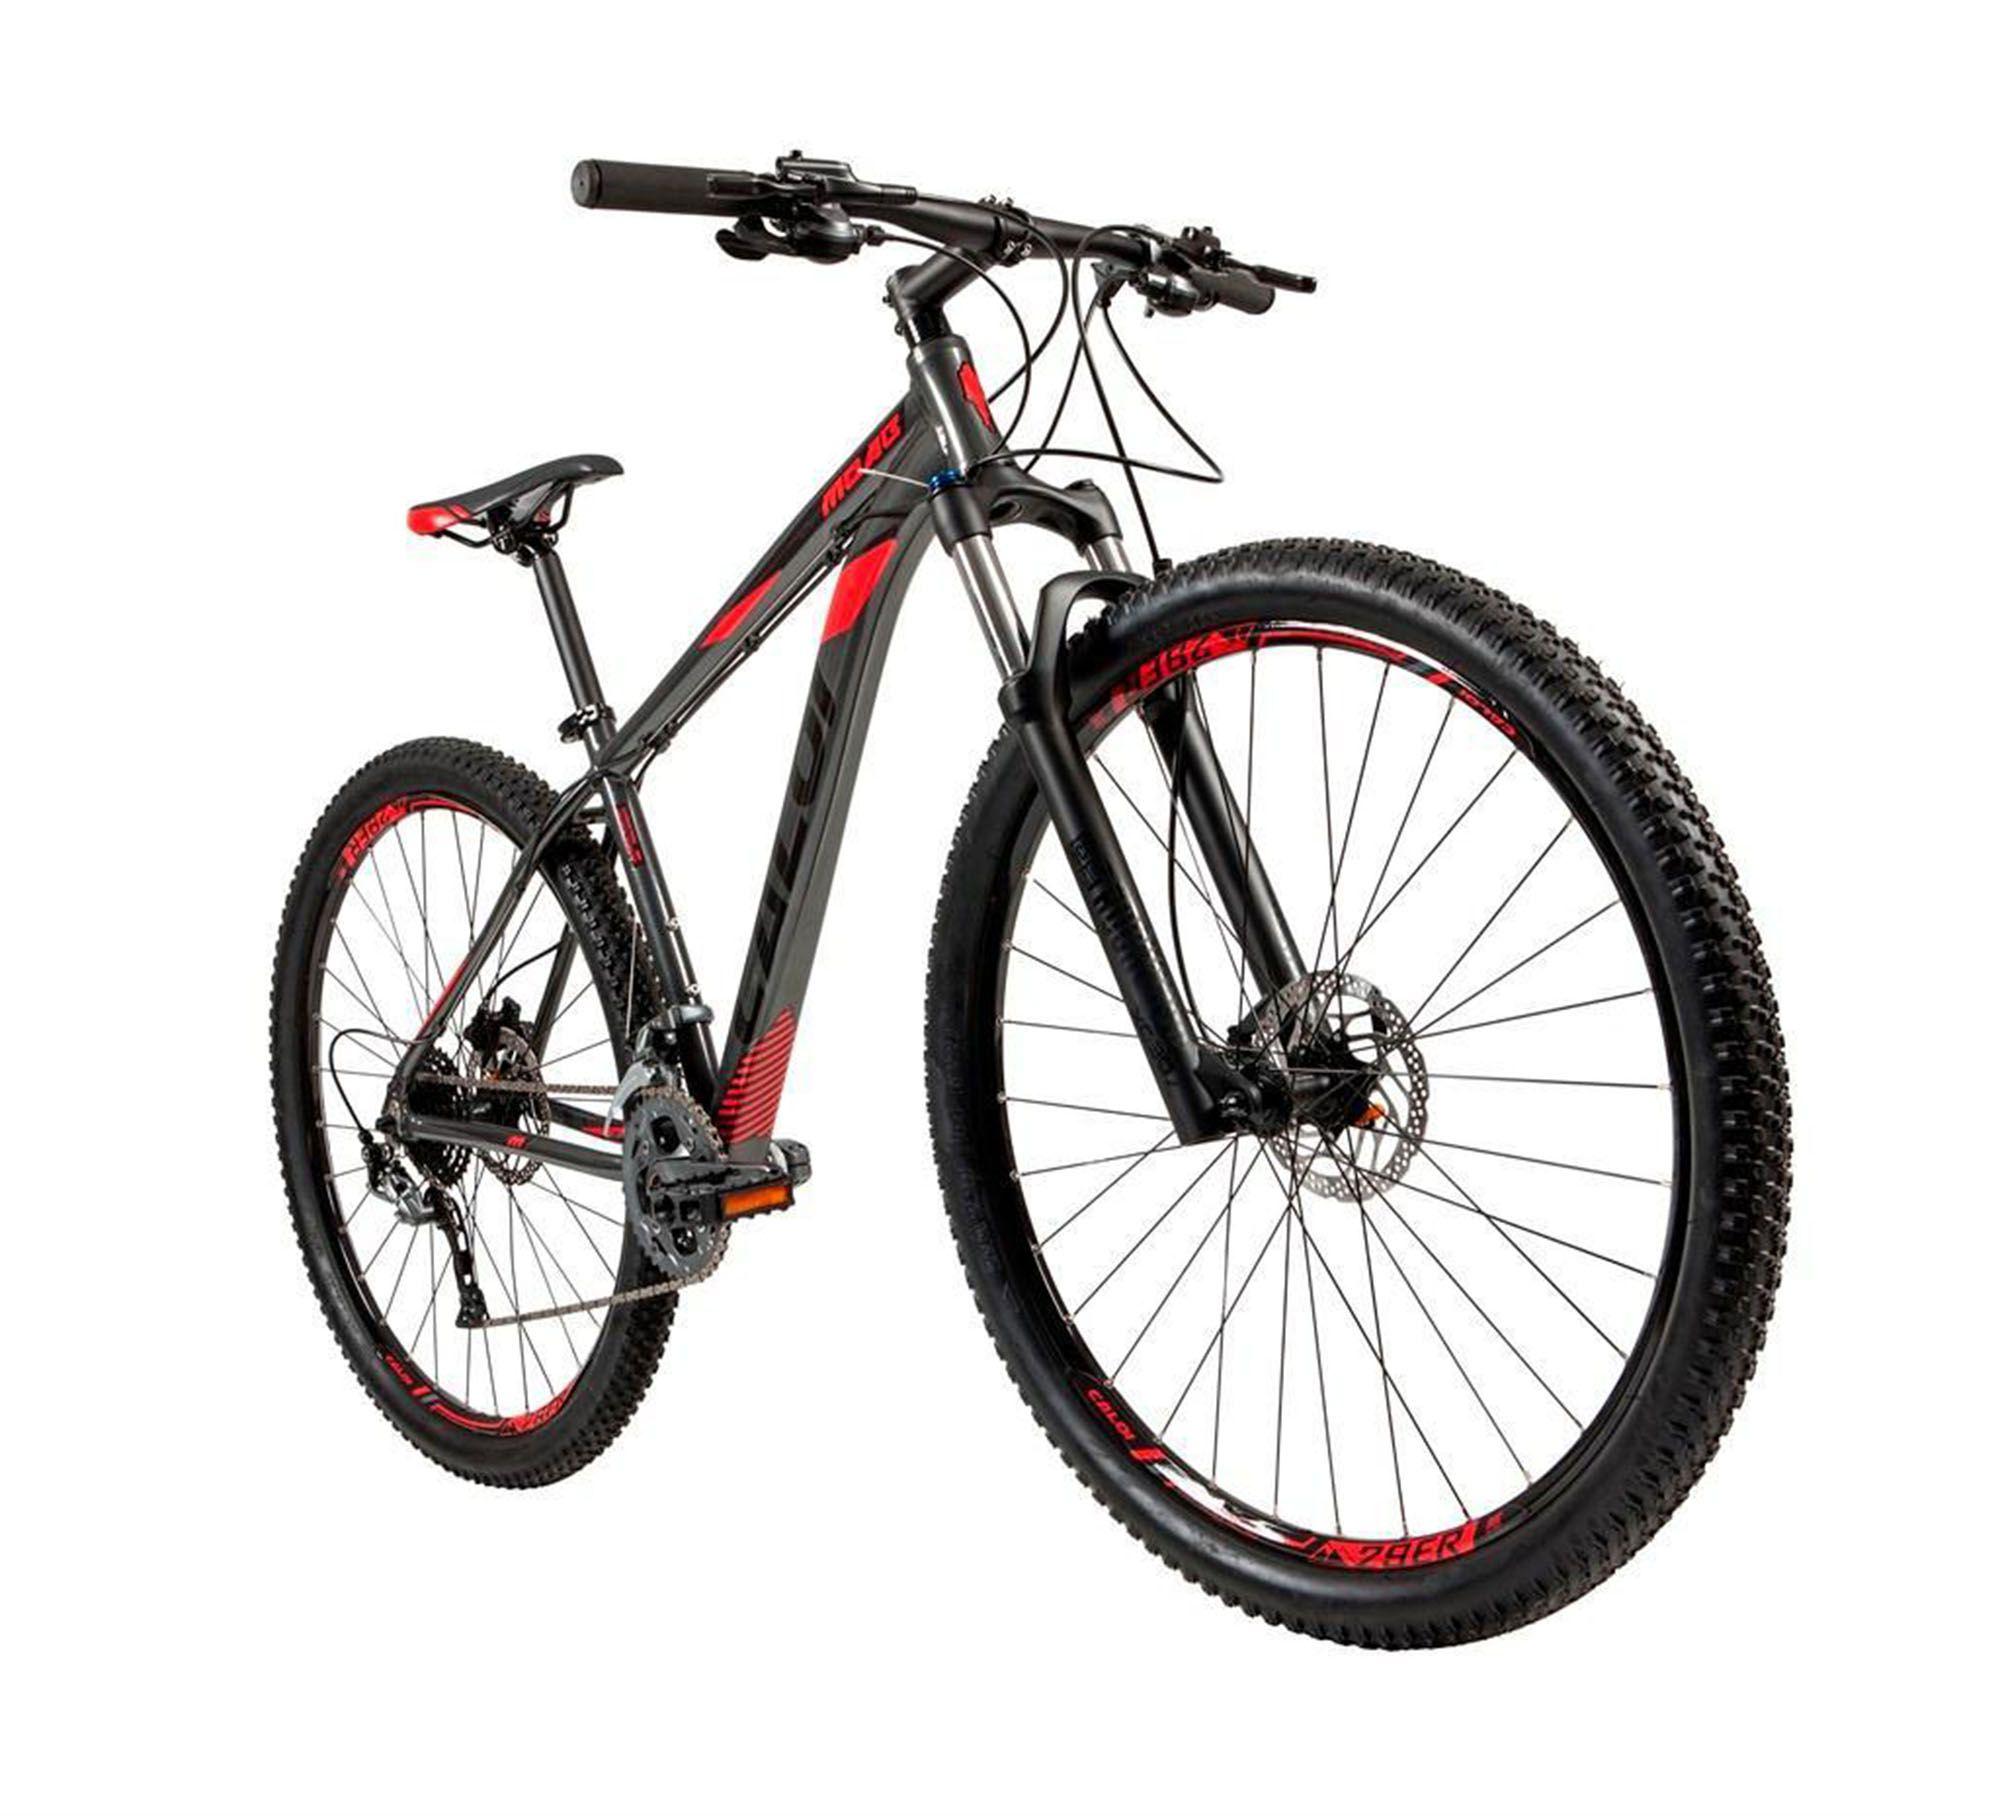 Bicicleta Aro 29 Moab 27v Alvio Cinza 2020 - CALOI